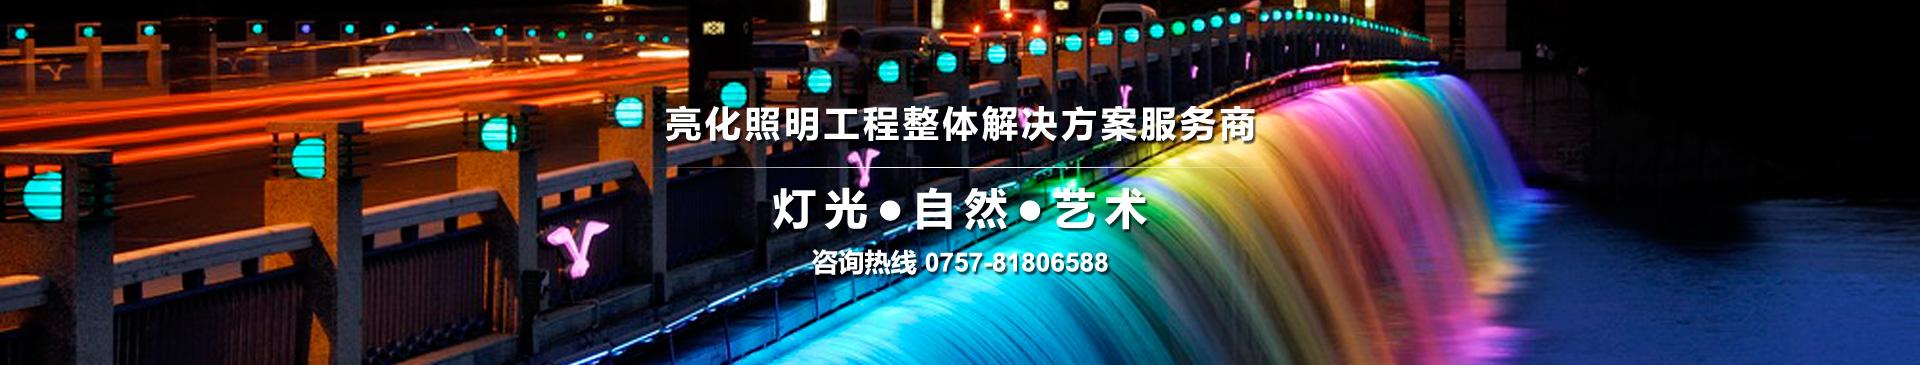 灯港新宝6登录注册官网